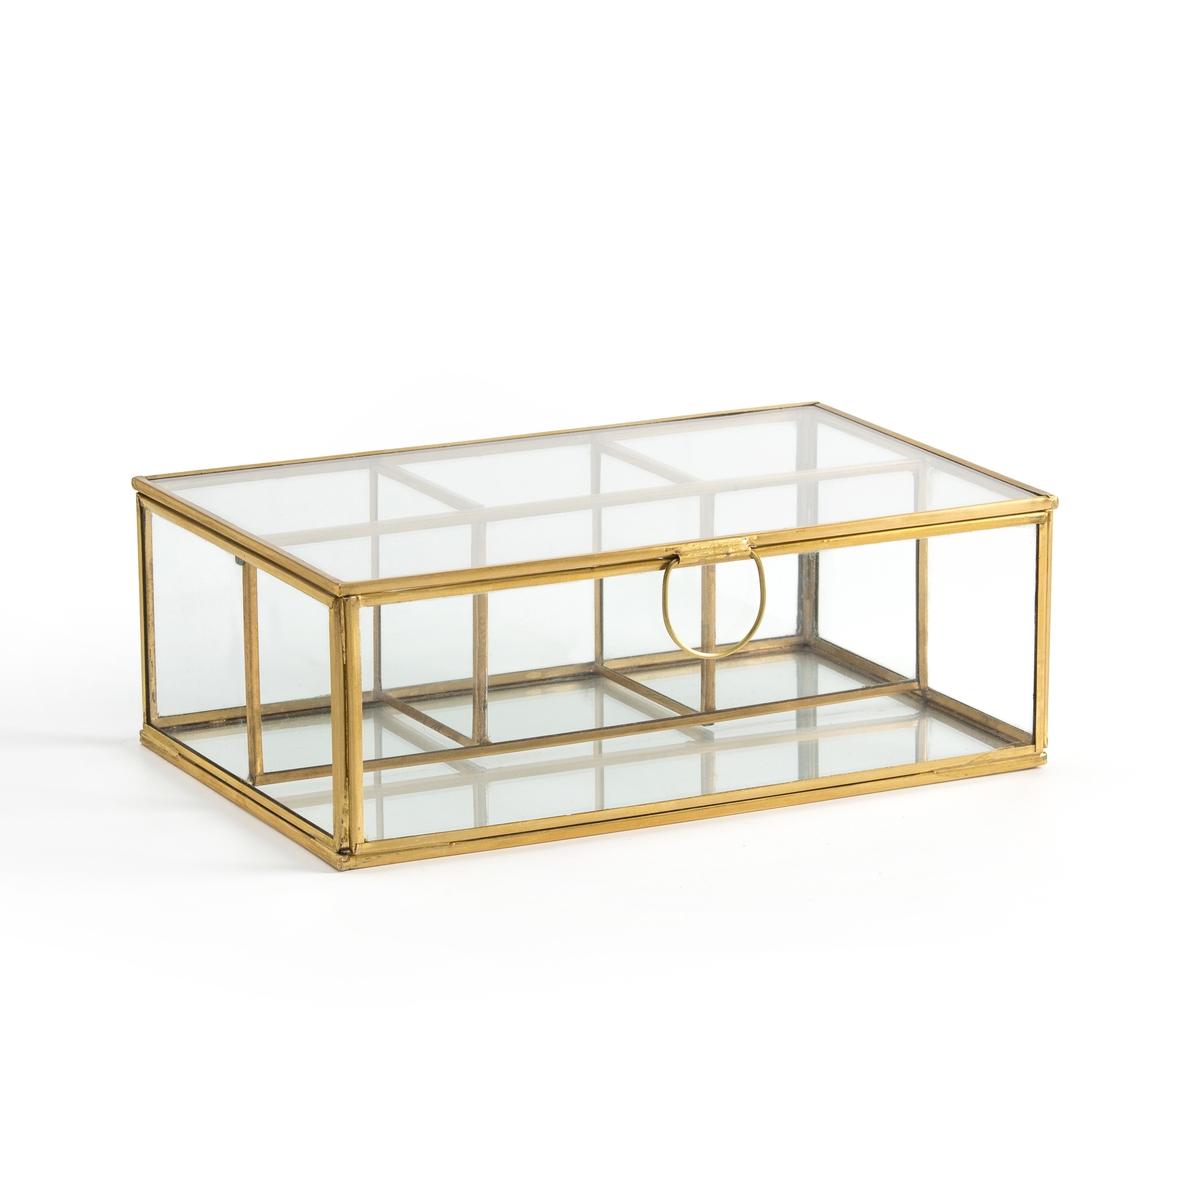 Коробка-витрина La Redoute С несколькими отделениями Uyova единый размер желтый зеркала la redoute uyova в форме домика единый размер желтый